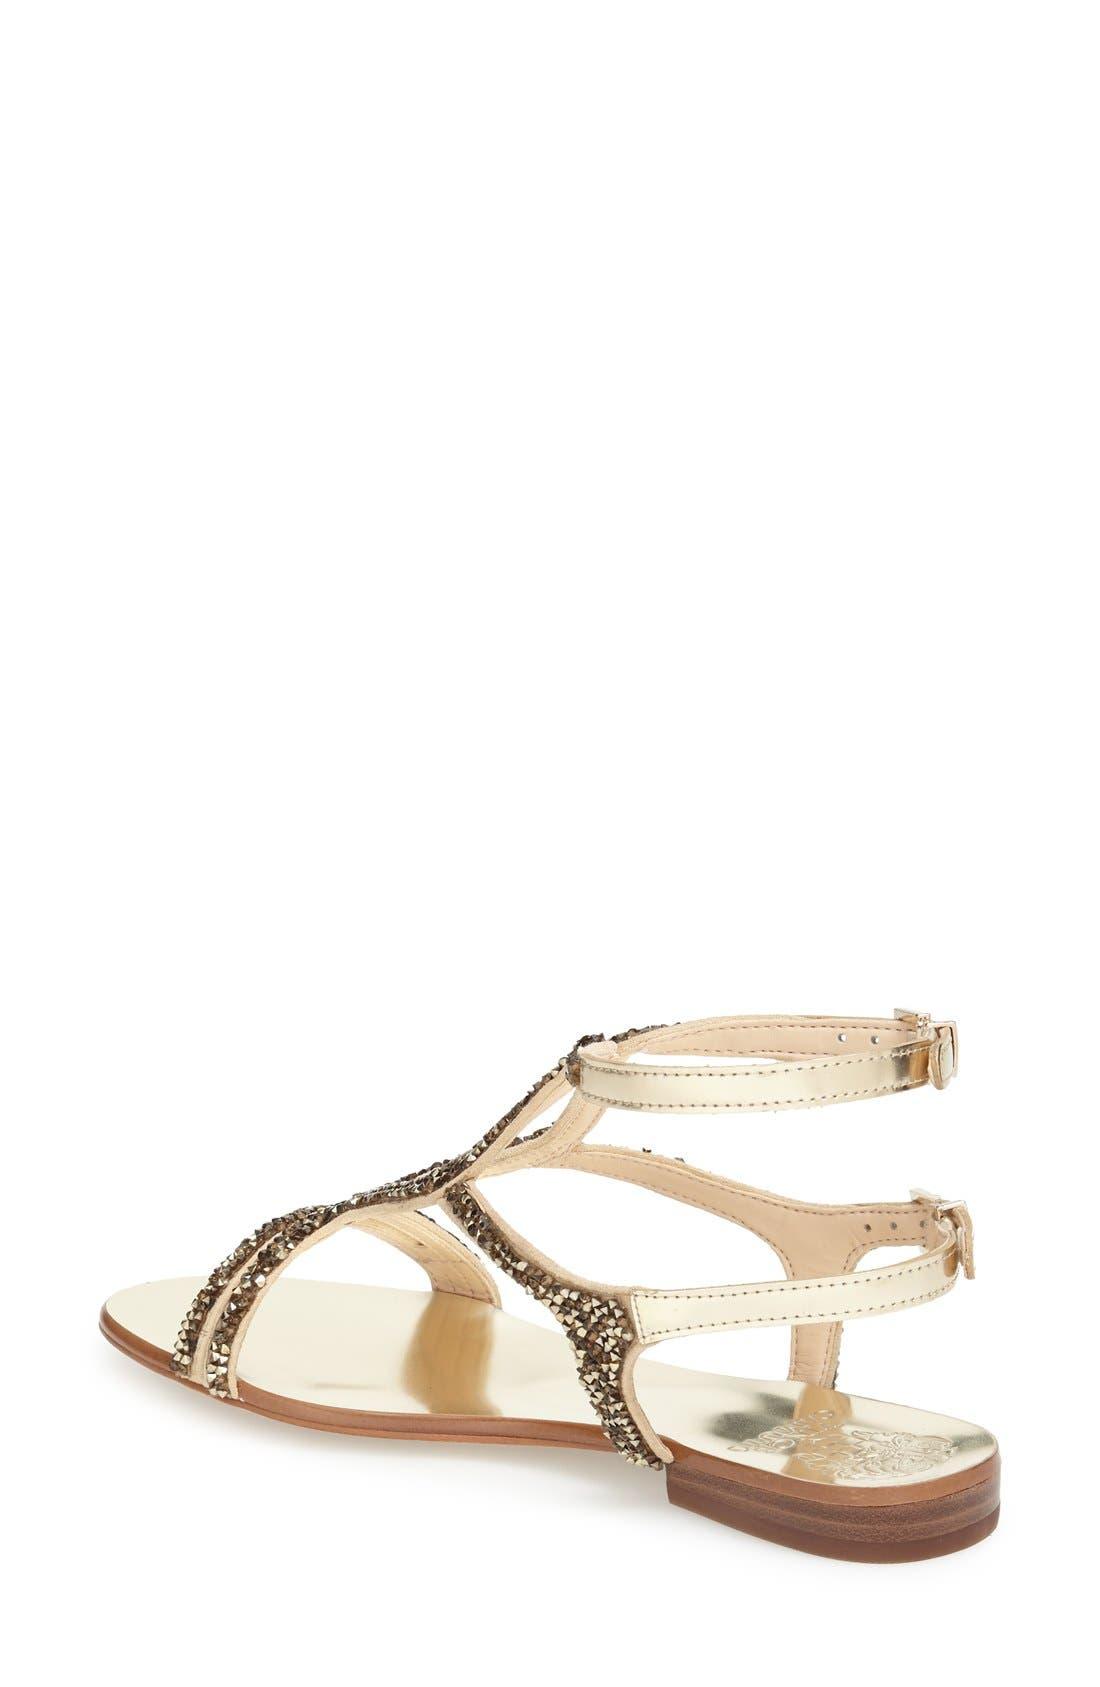 Alternate Image 2  - Vince Camuto 'Jacinta' Ankle Strap Sandal (Women)